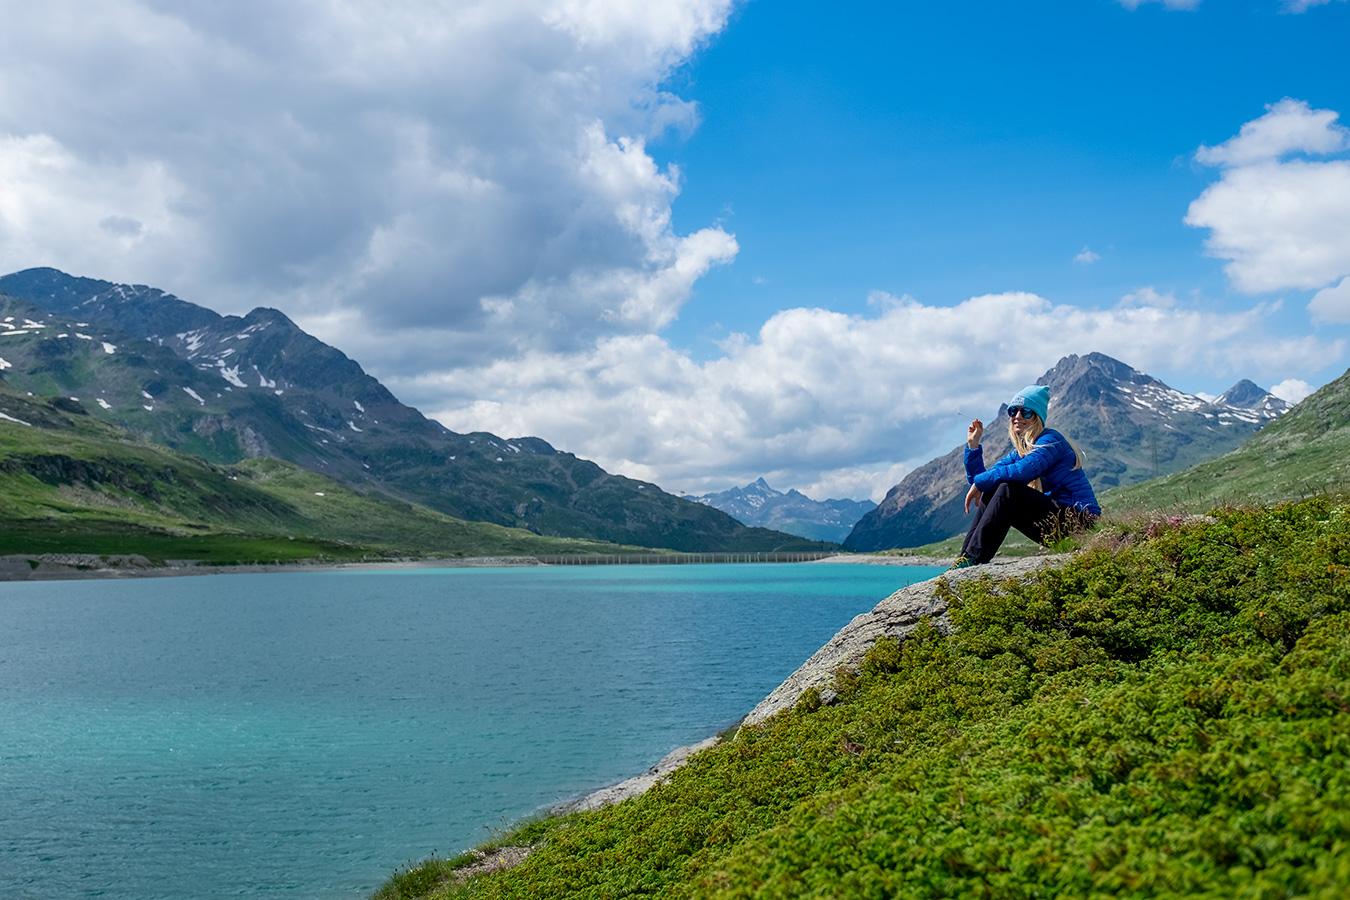 dziewczyna w niebieskim ubraniu siedząca nad brzegiem turkusowego górskiego jeziora